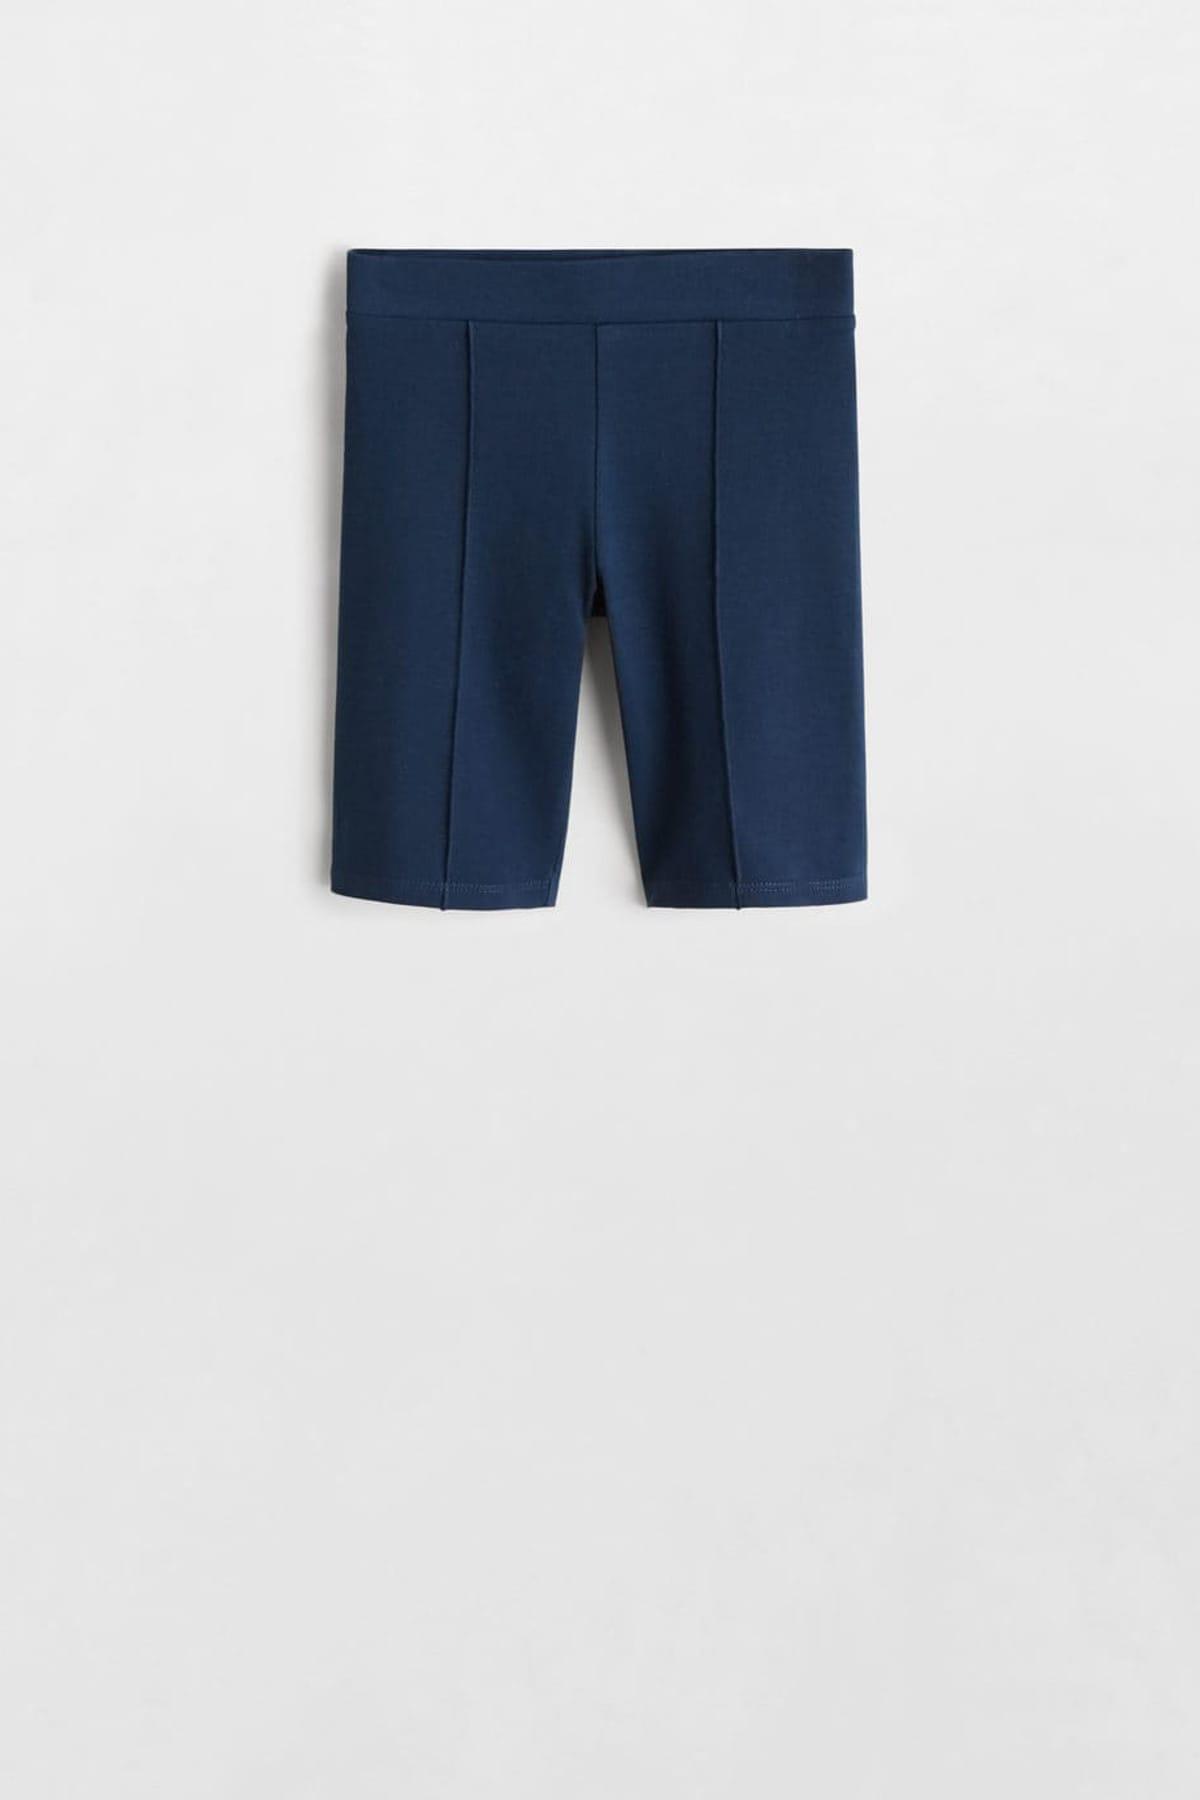 خرید اینترنتی شلوار خاص دخترانه برند منگو رنگ لاجوردی کد ty6924166